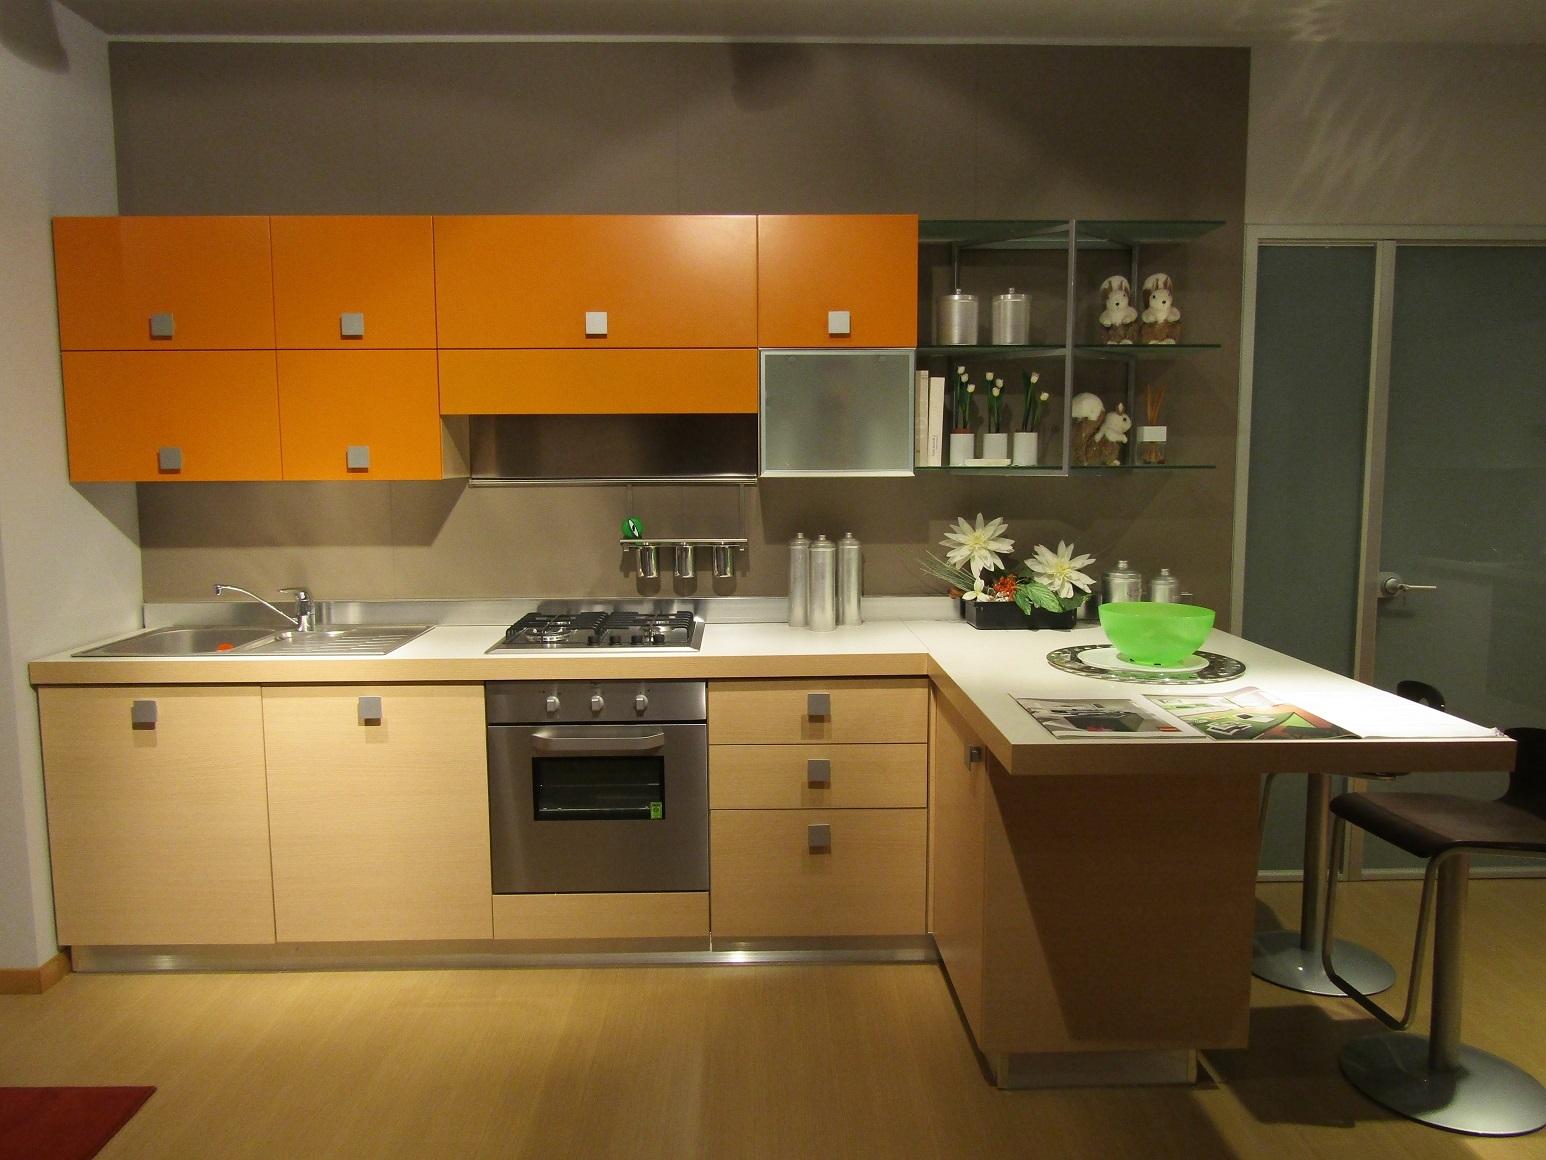 Cucina scavolini modello sax in offerta cucine a prezzi scontati - Prezzo cucine scavolini ...